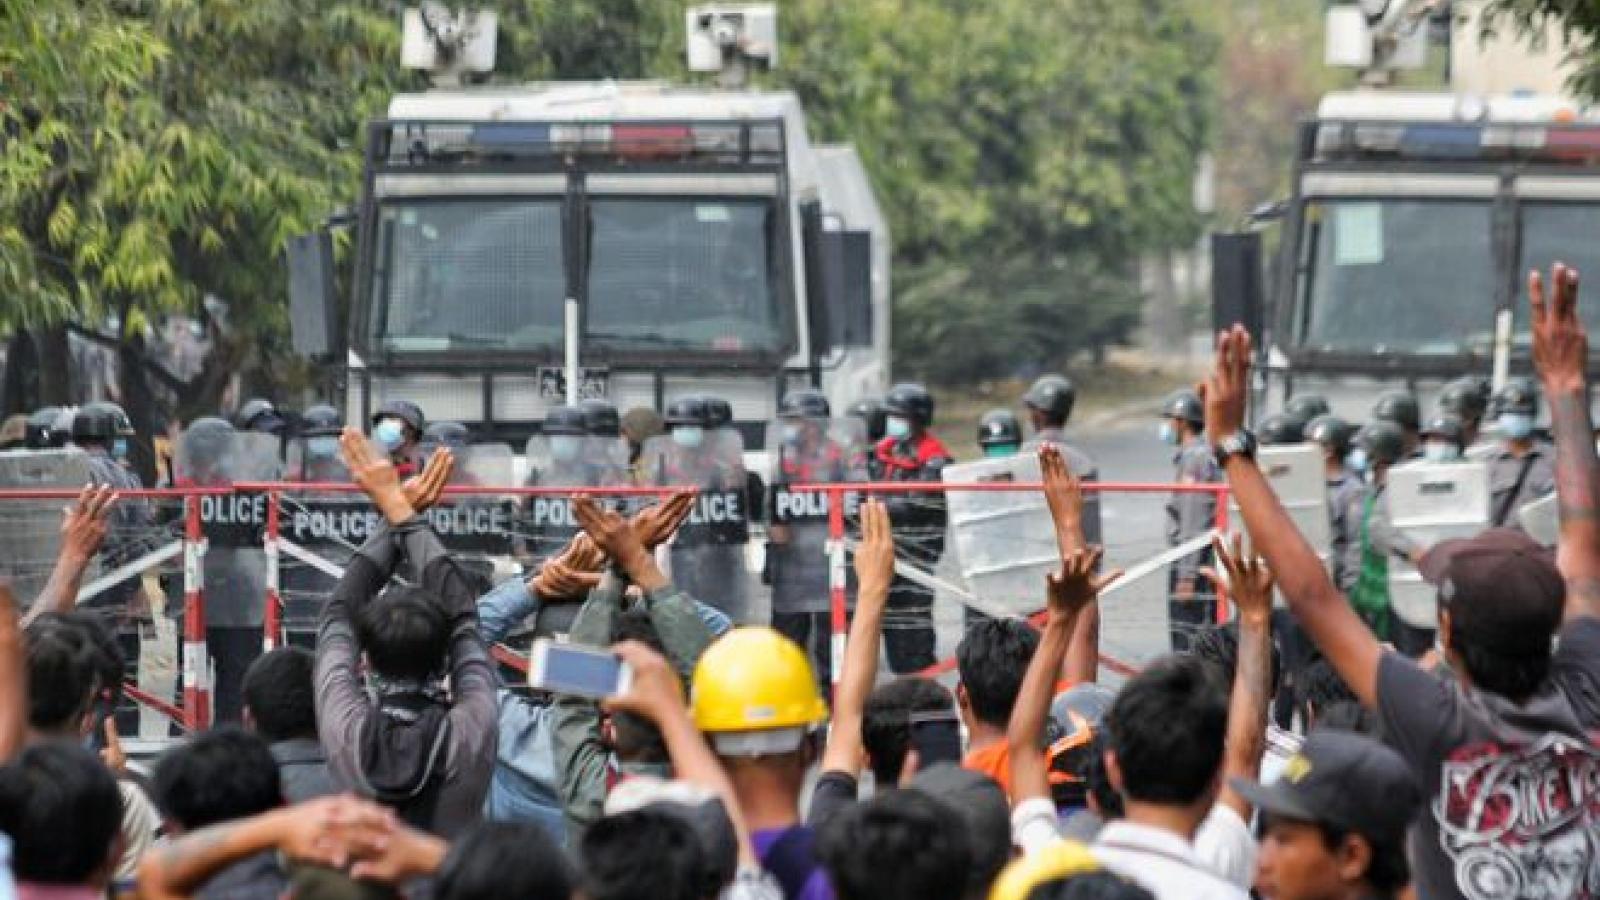 Biểu tình ở Myanmar có thương vong: Thế giới lên tiếng quan ngại